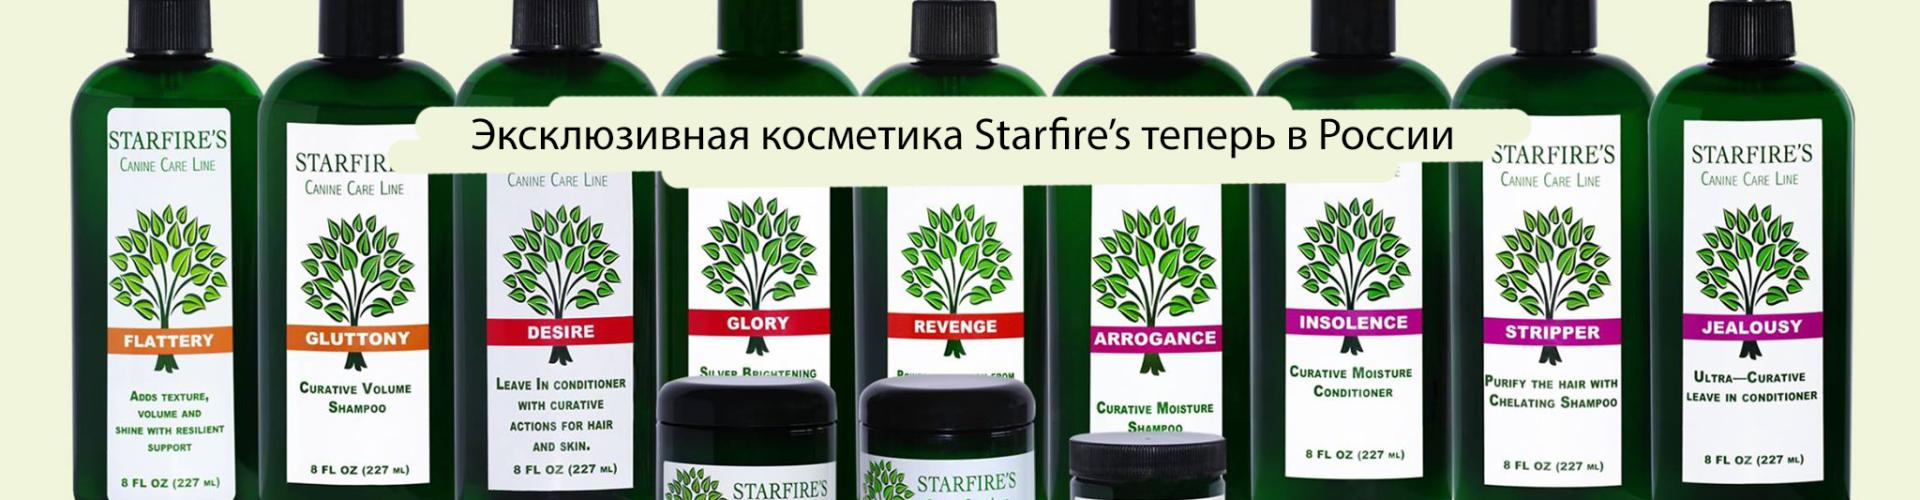 Эксклюзивная косметика Starfire's